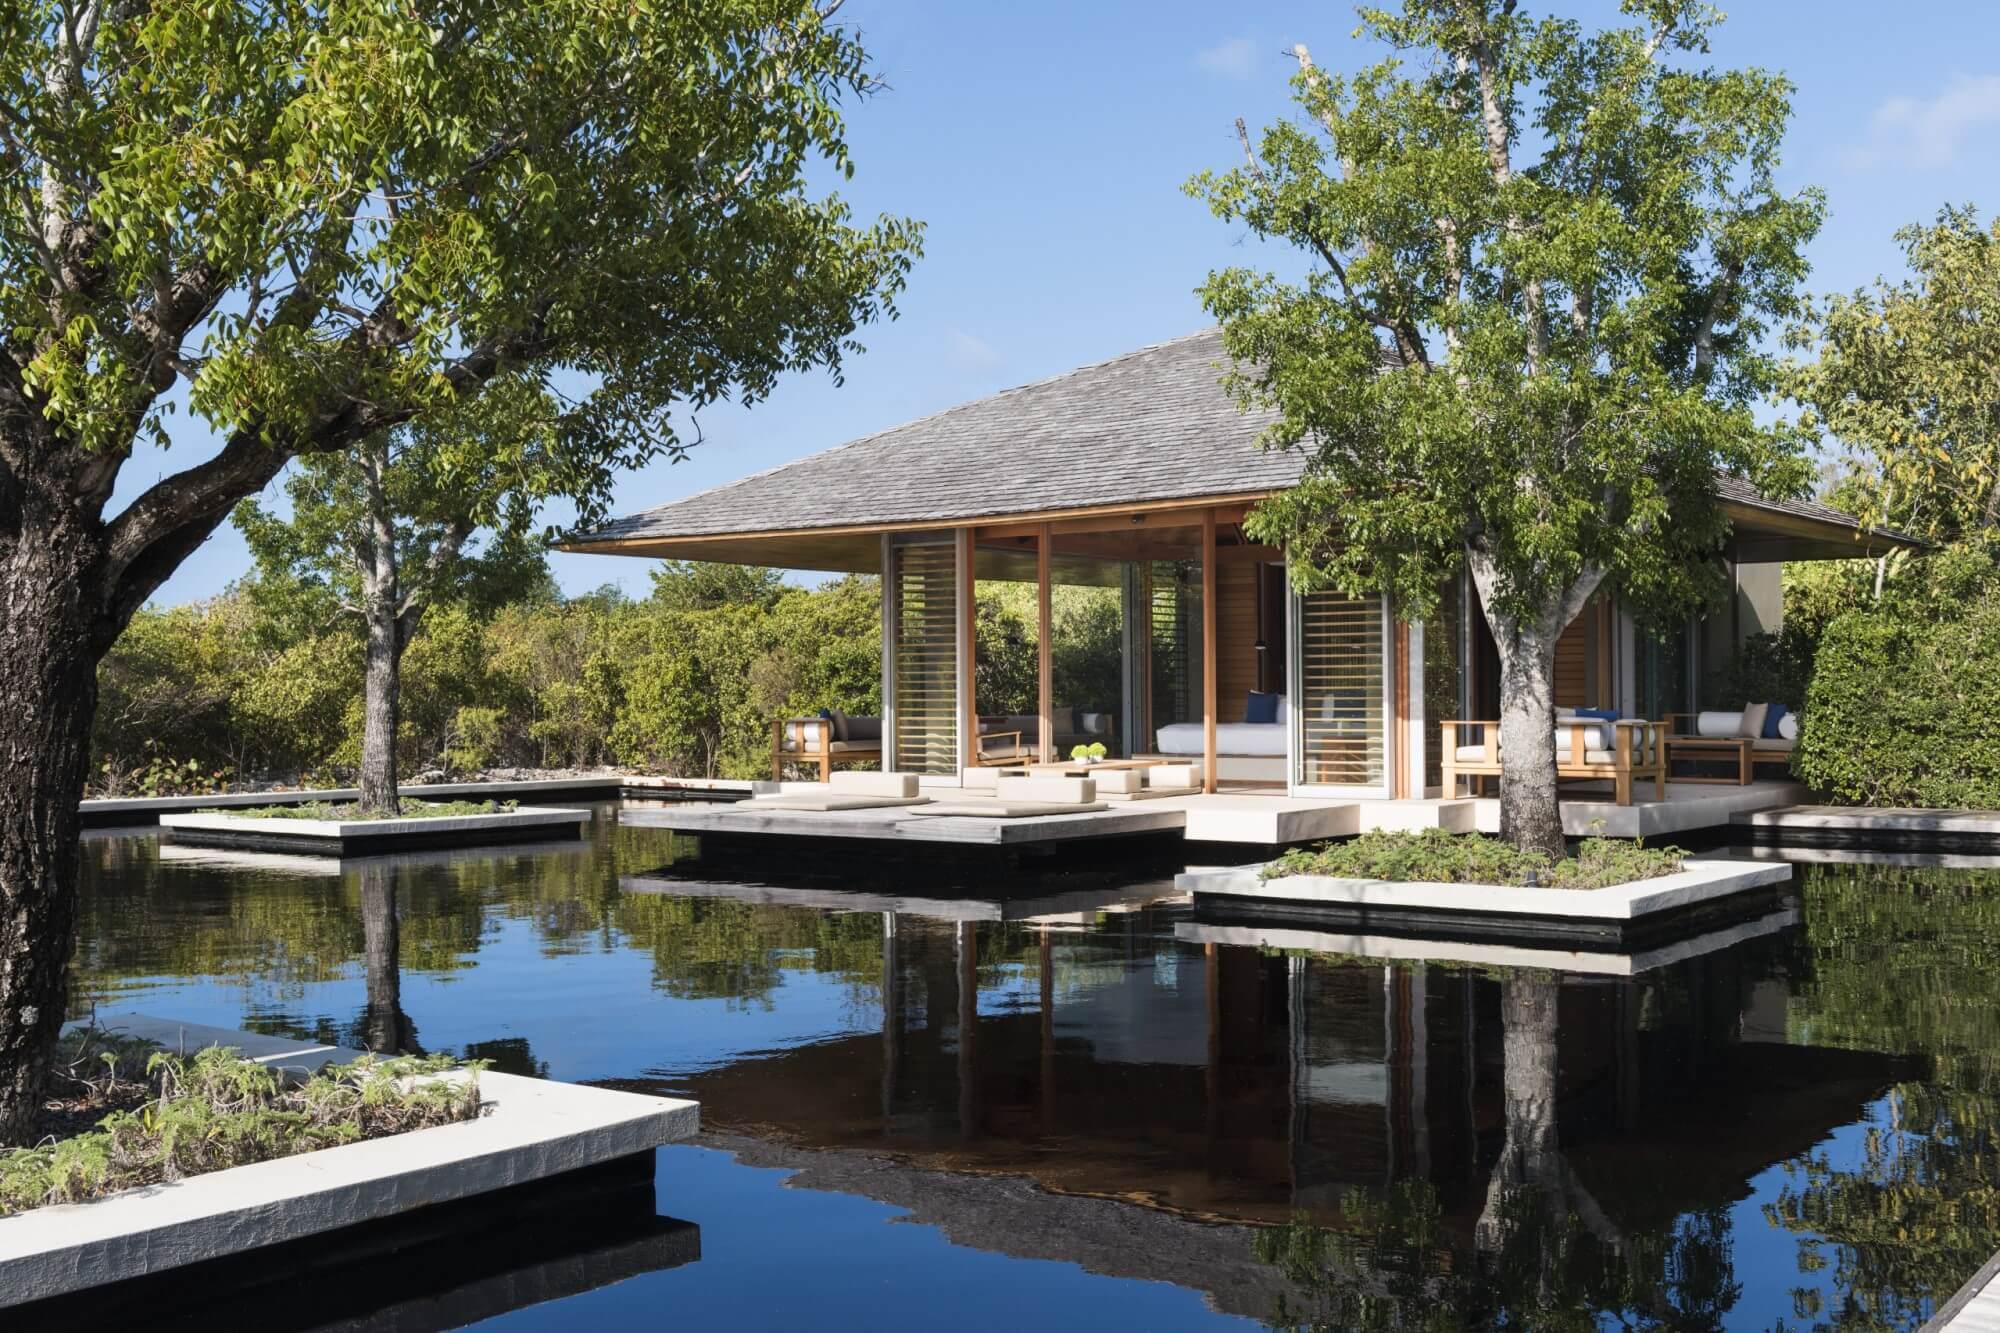 アマンヤラ Amanyara, Turks and Caicos - Villa 9, 4 Bedroom Tranquility Villa